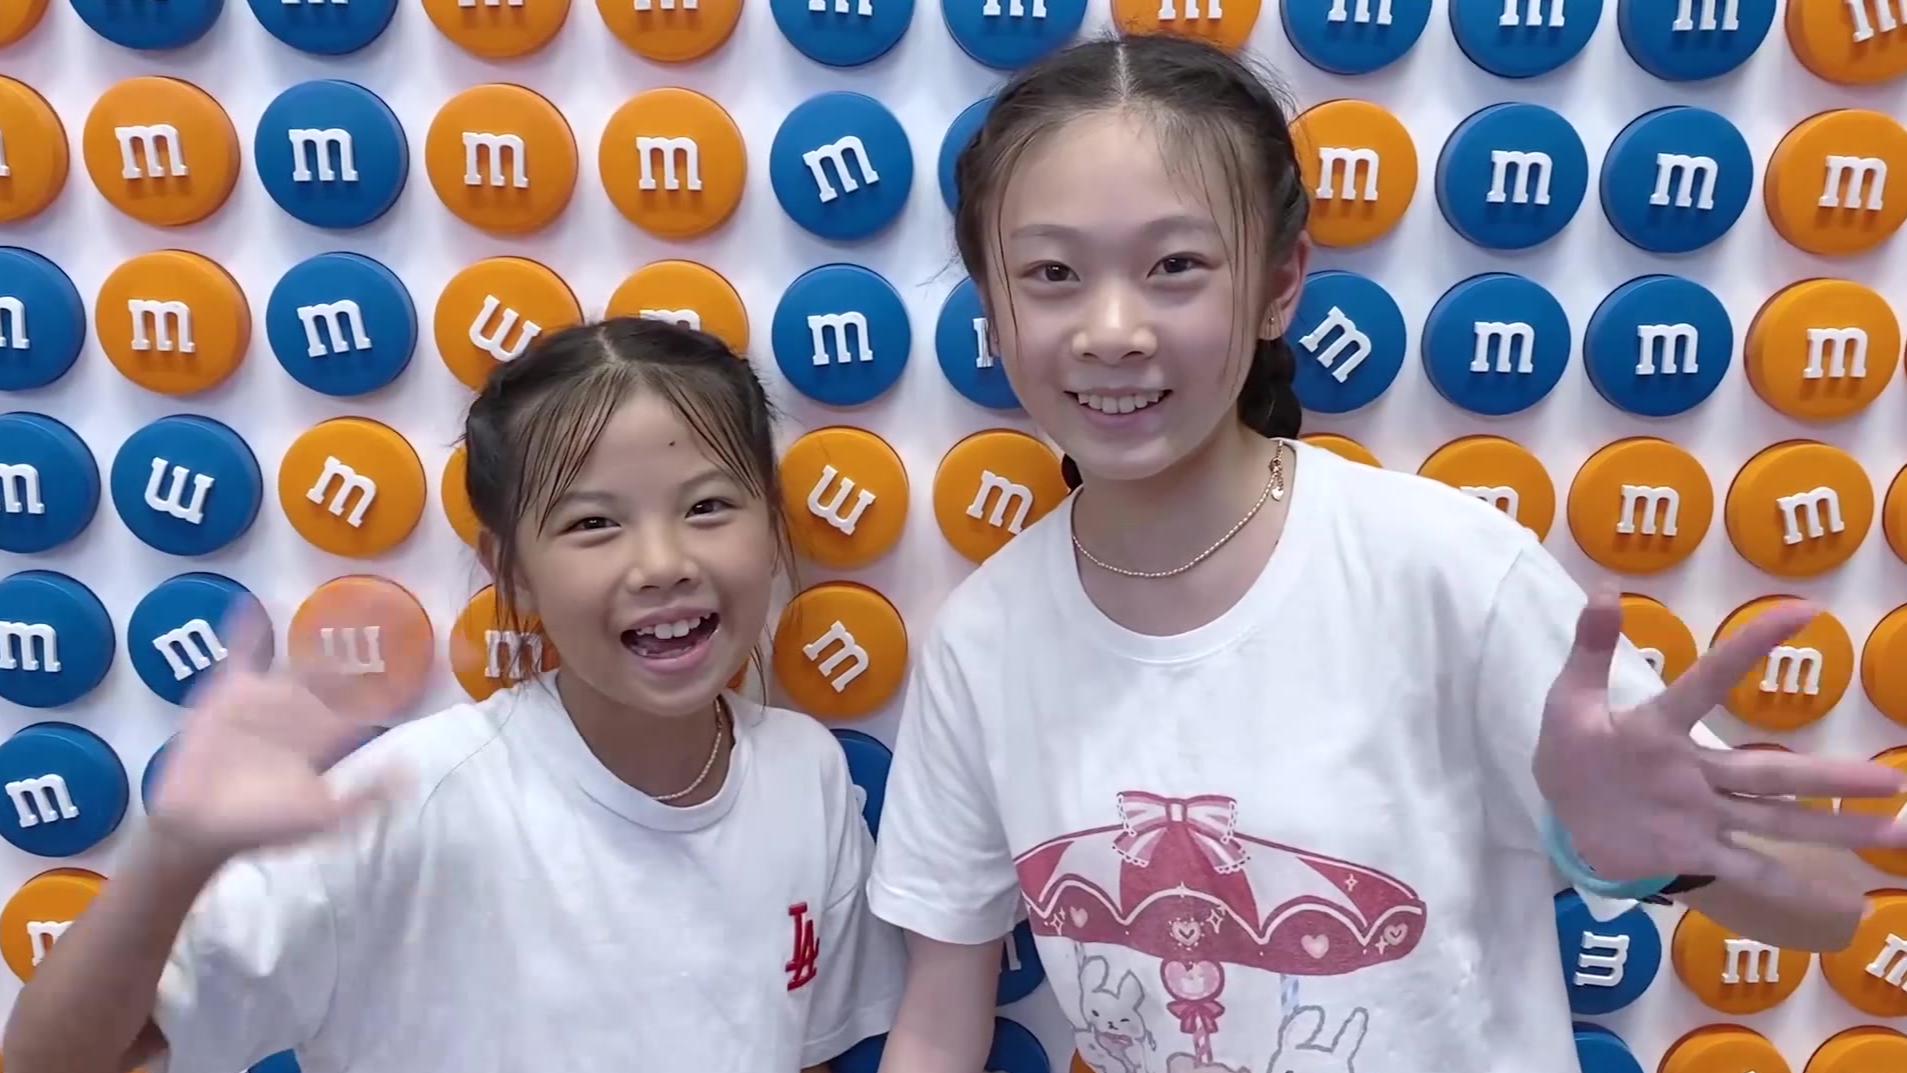 【2020冰乖暑假行Vlog之上海】第三弹:沙雕儿童欢乐多 玩不够的大上海